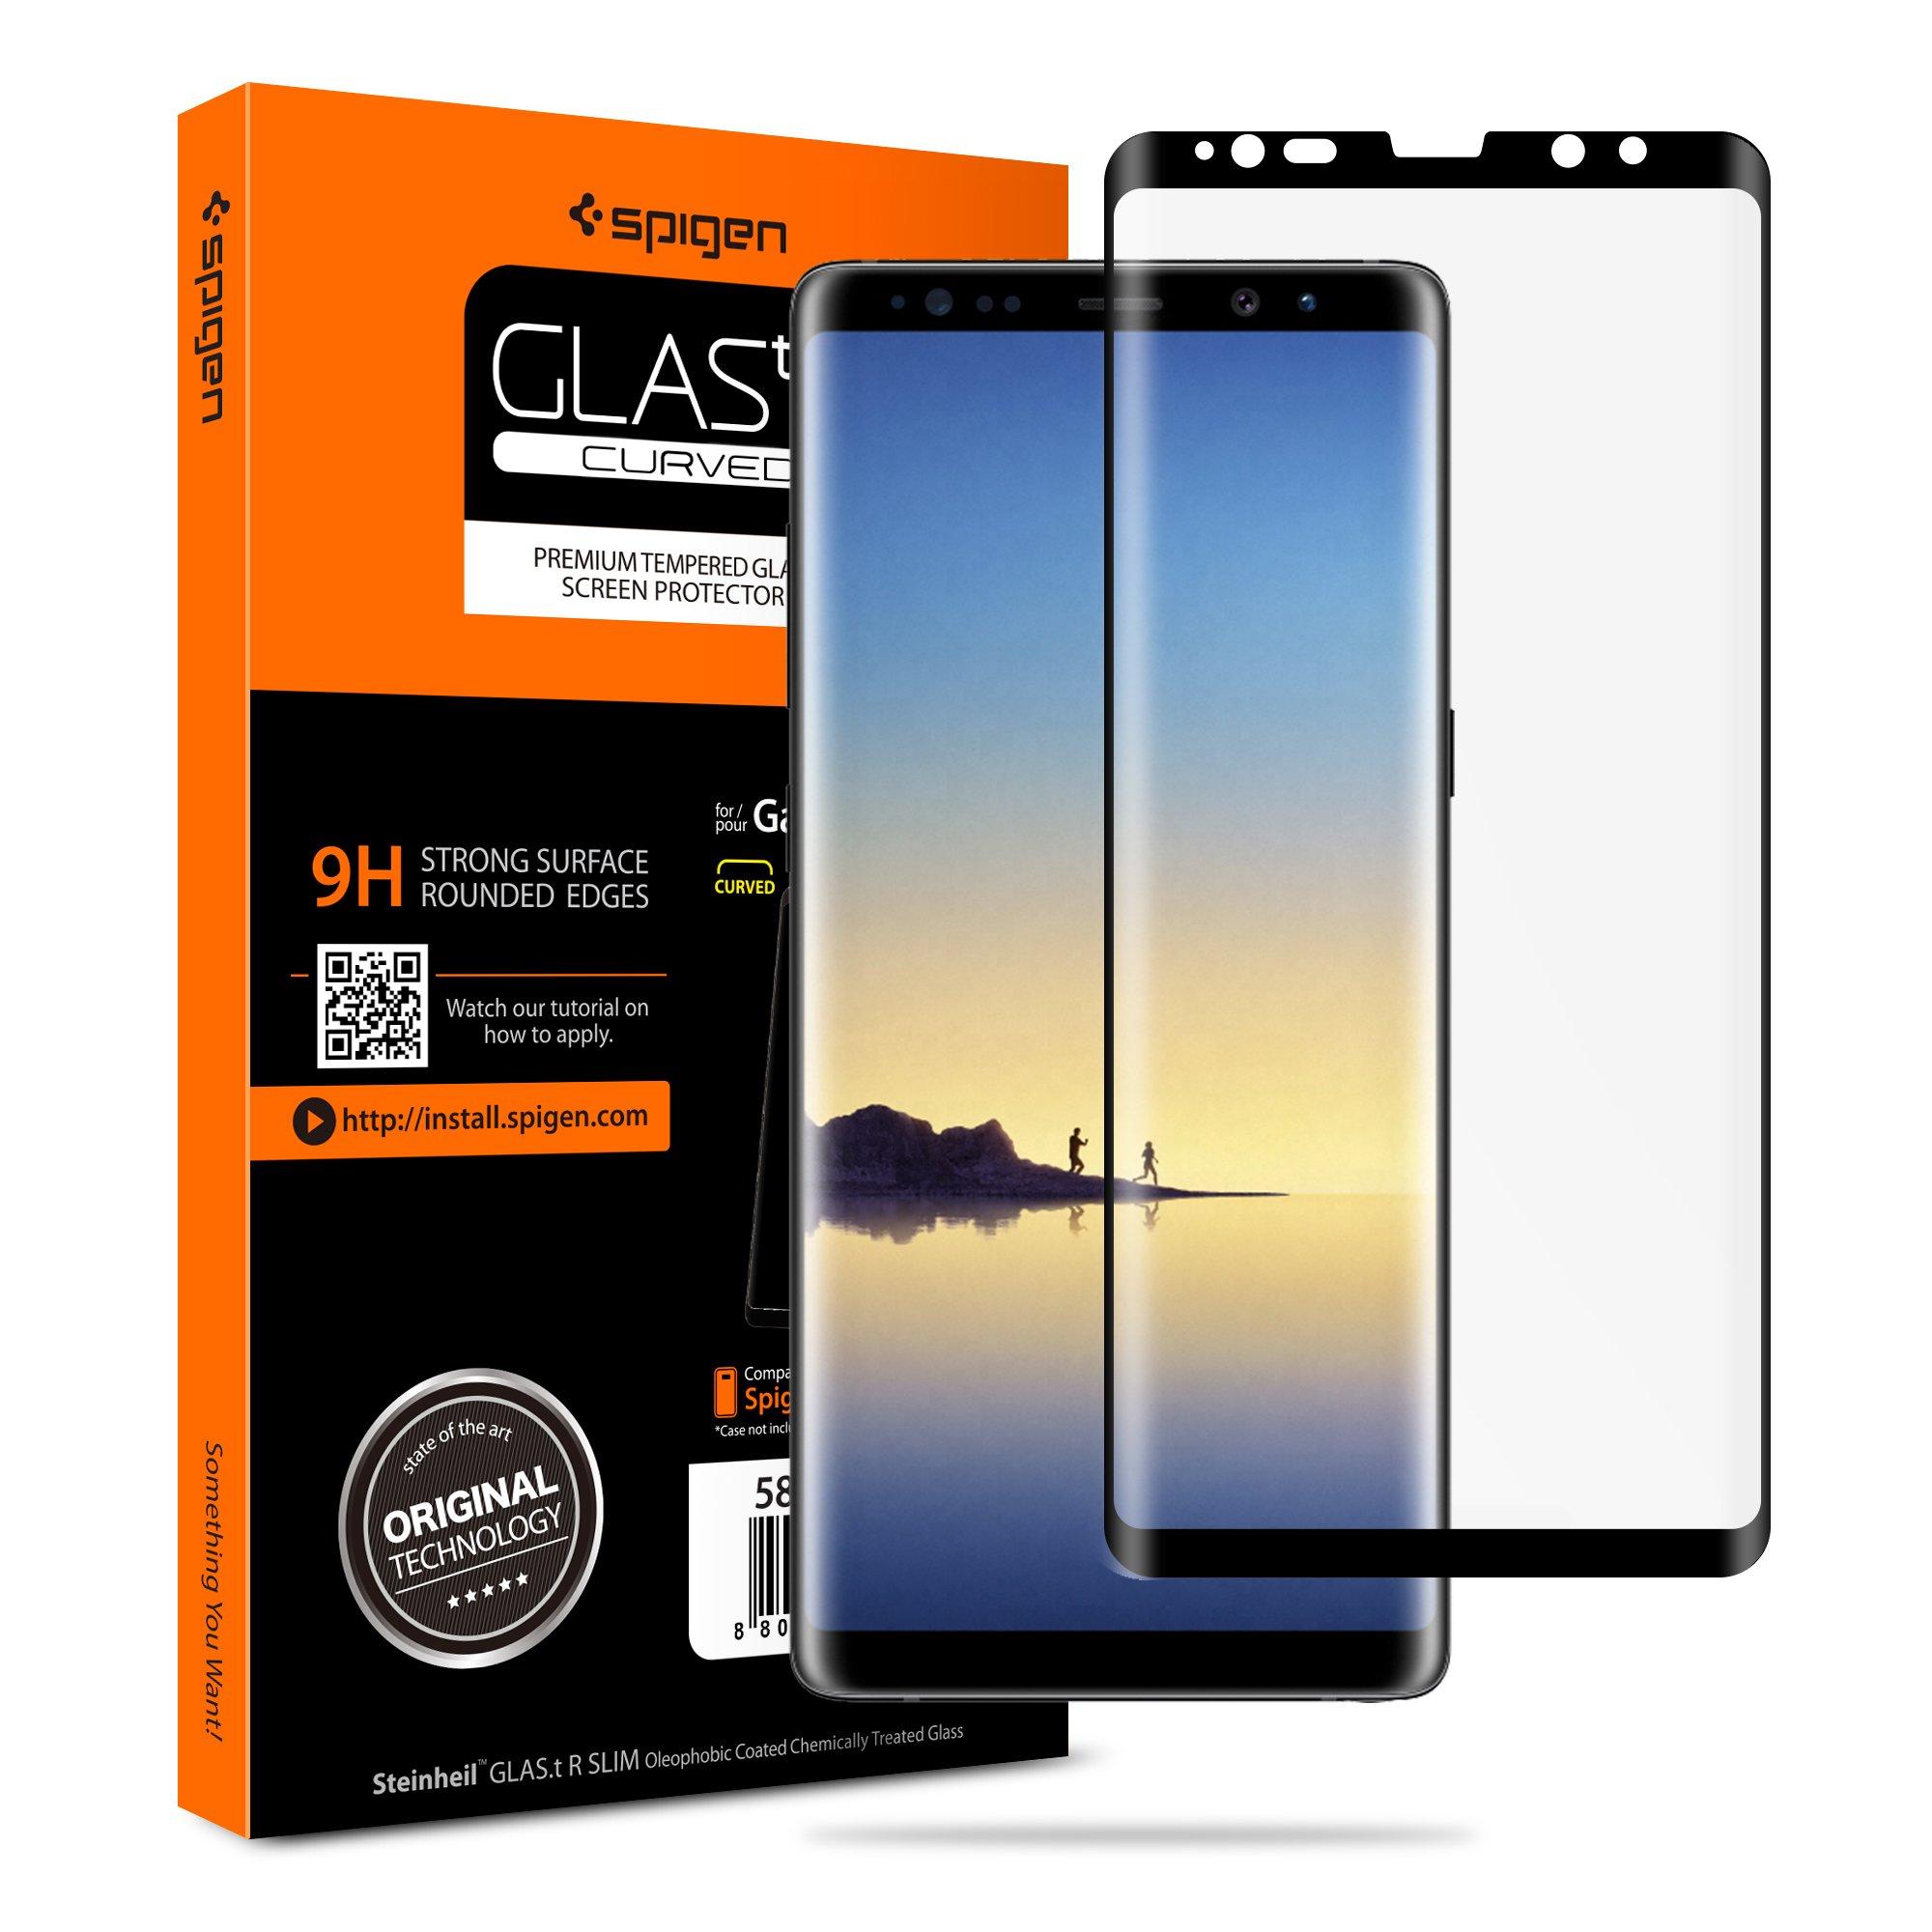 Vidrio Templado SPIGEN p/ Samsung Note 8